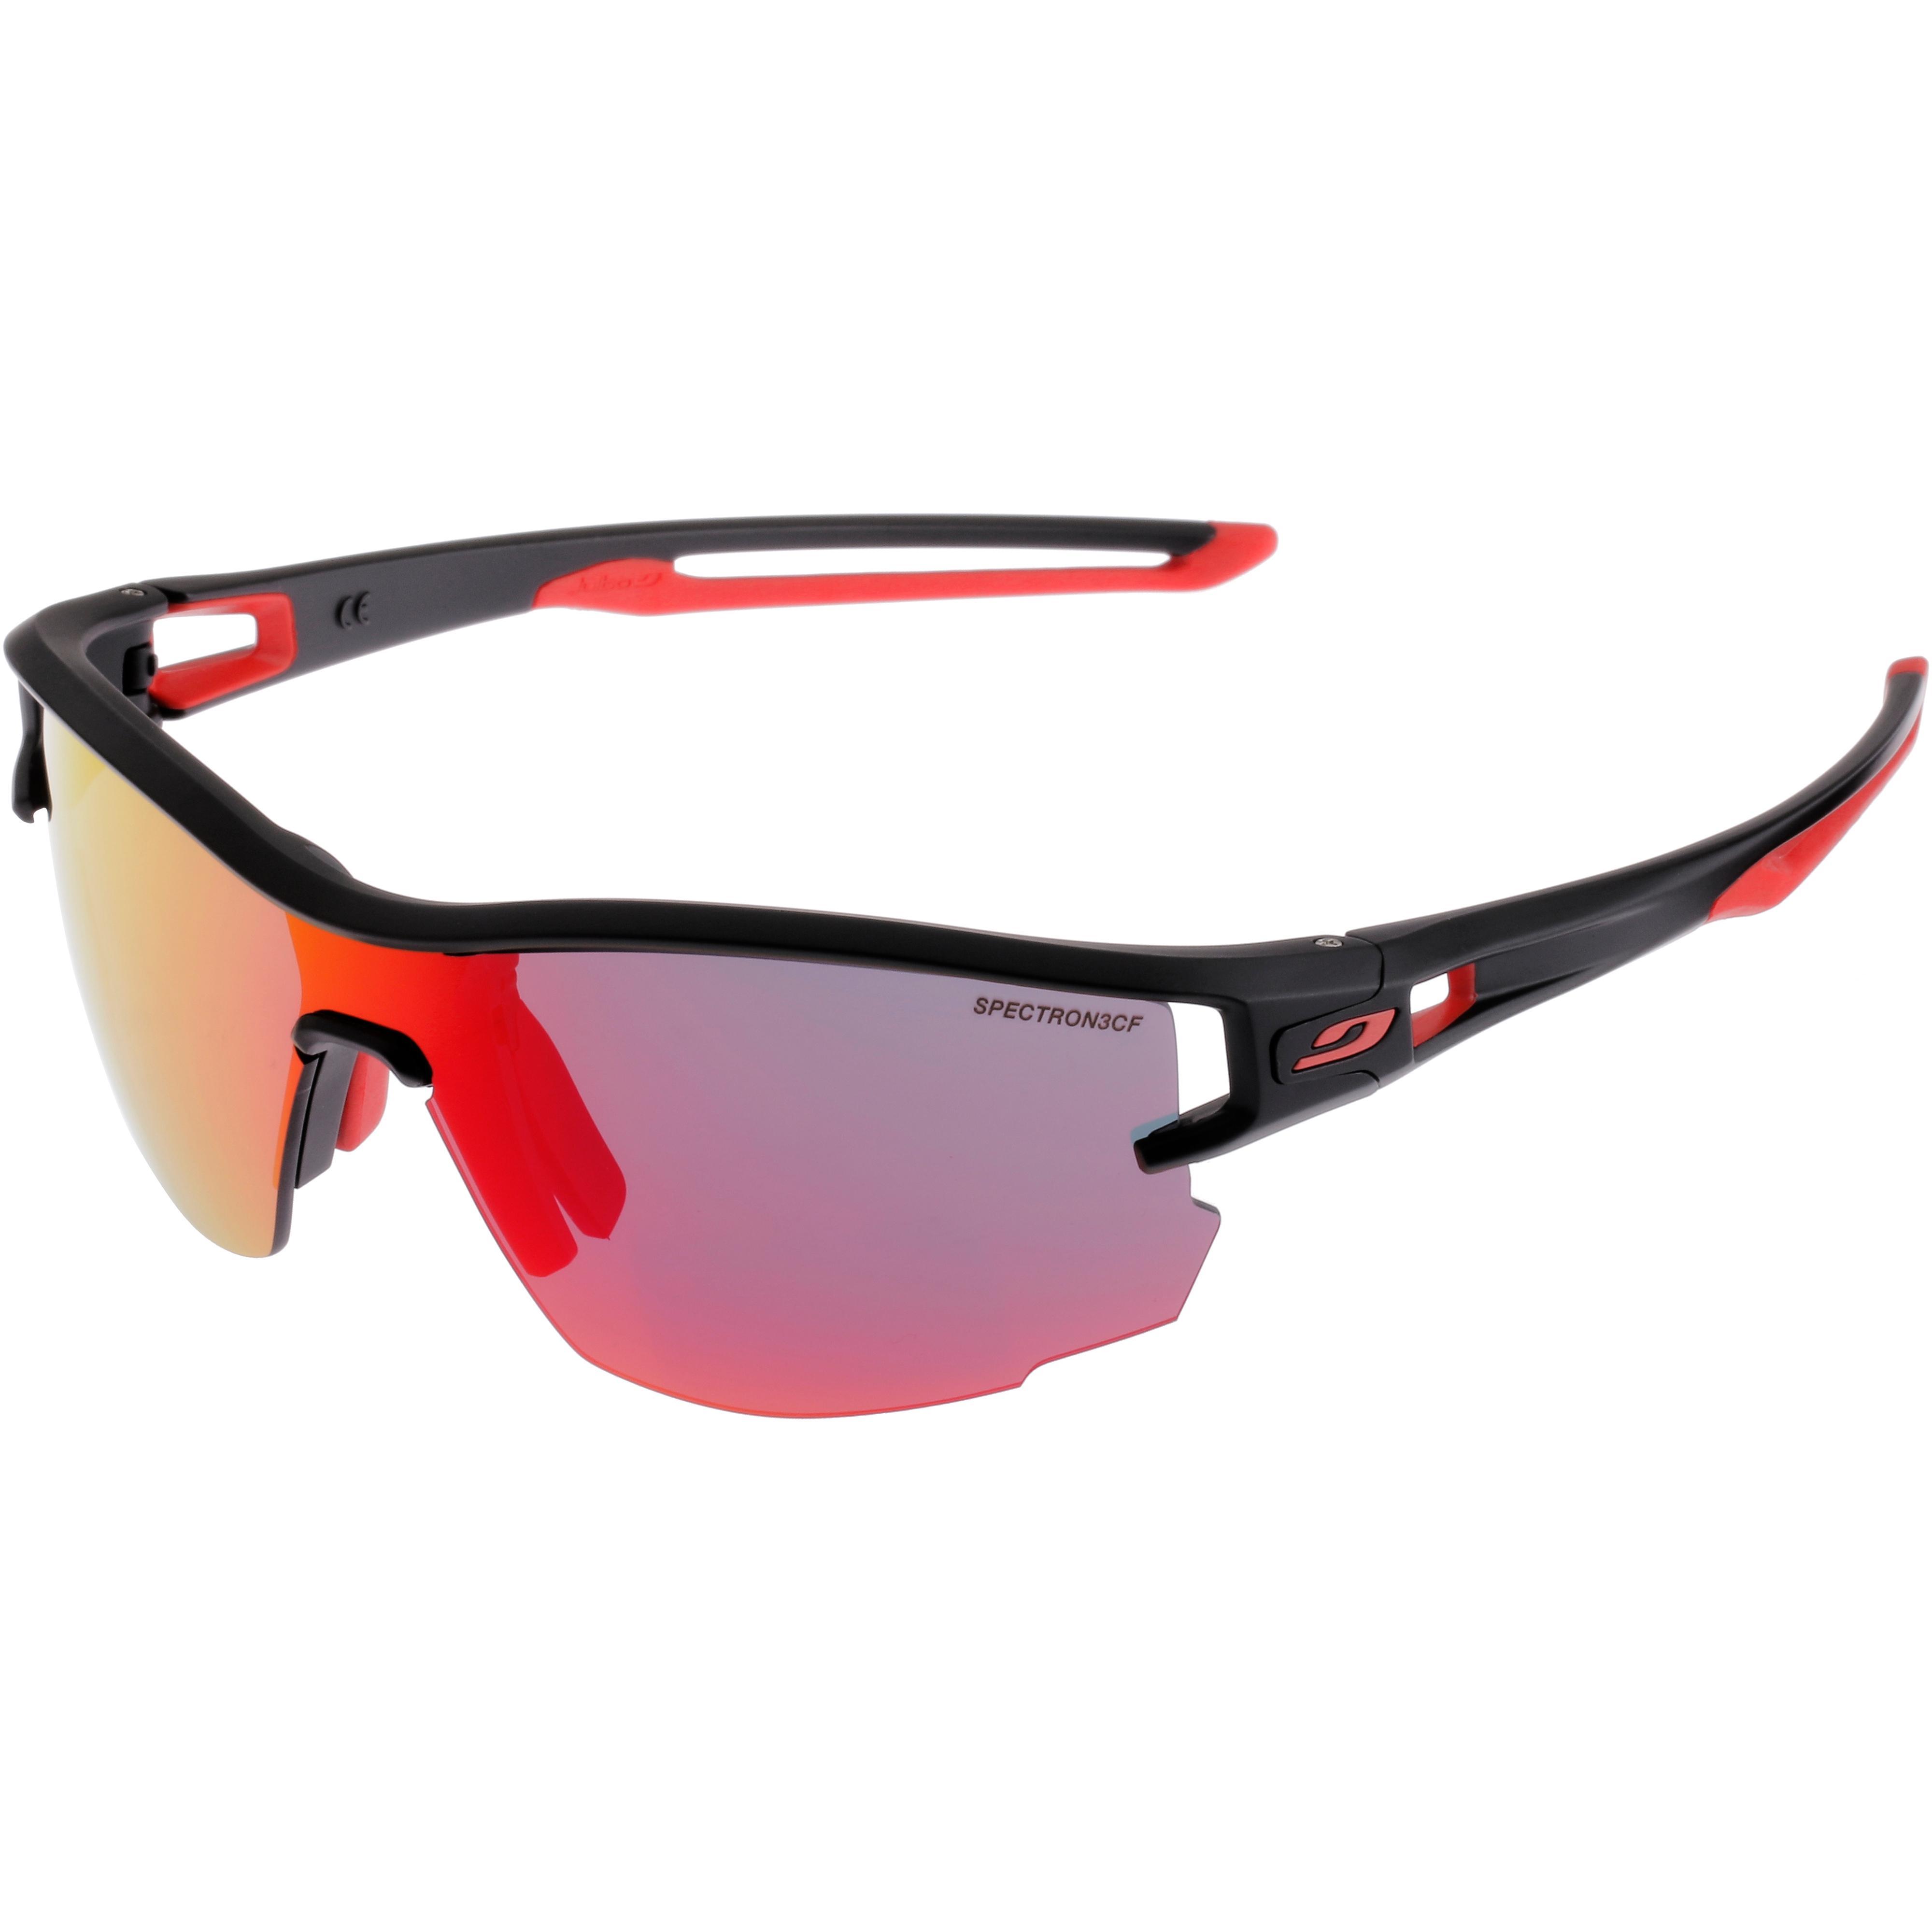 brillen von julbo im online shop von sportscheck kaufenjulbo aero spectron 3 cf sportbrille schwarz rot